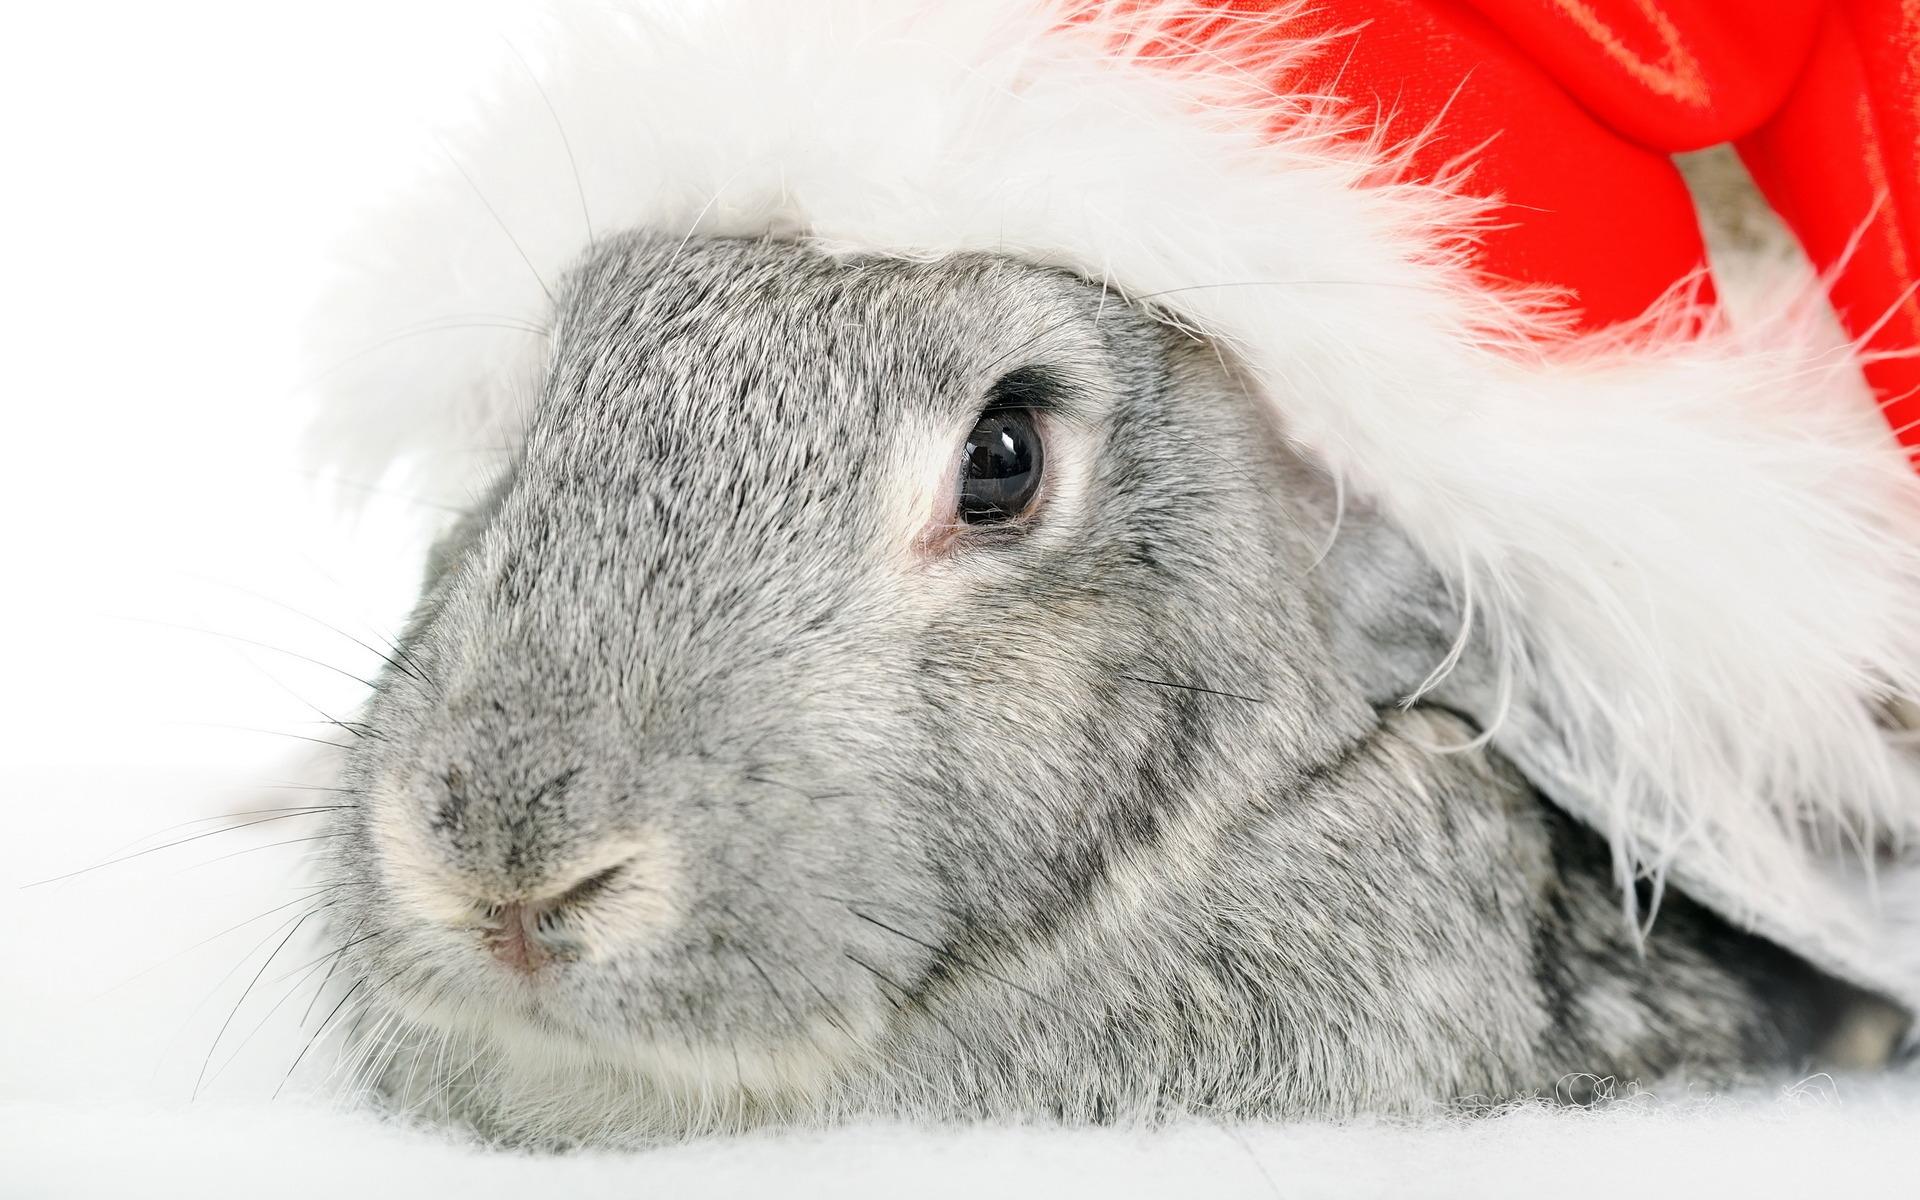 кролик новый год картинка фестиваля этого